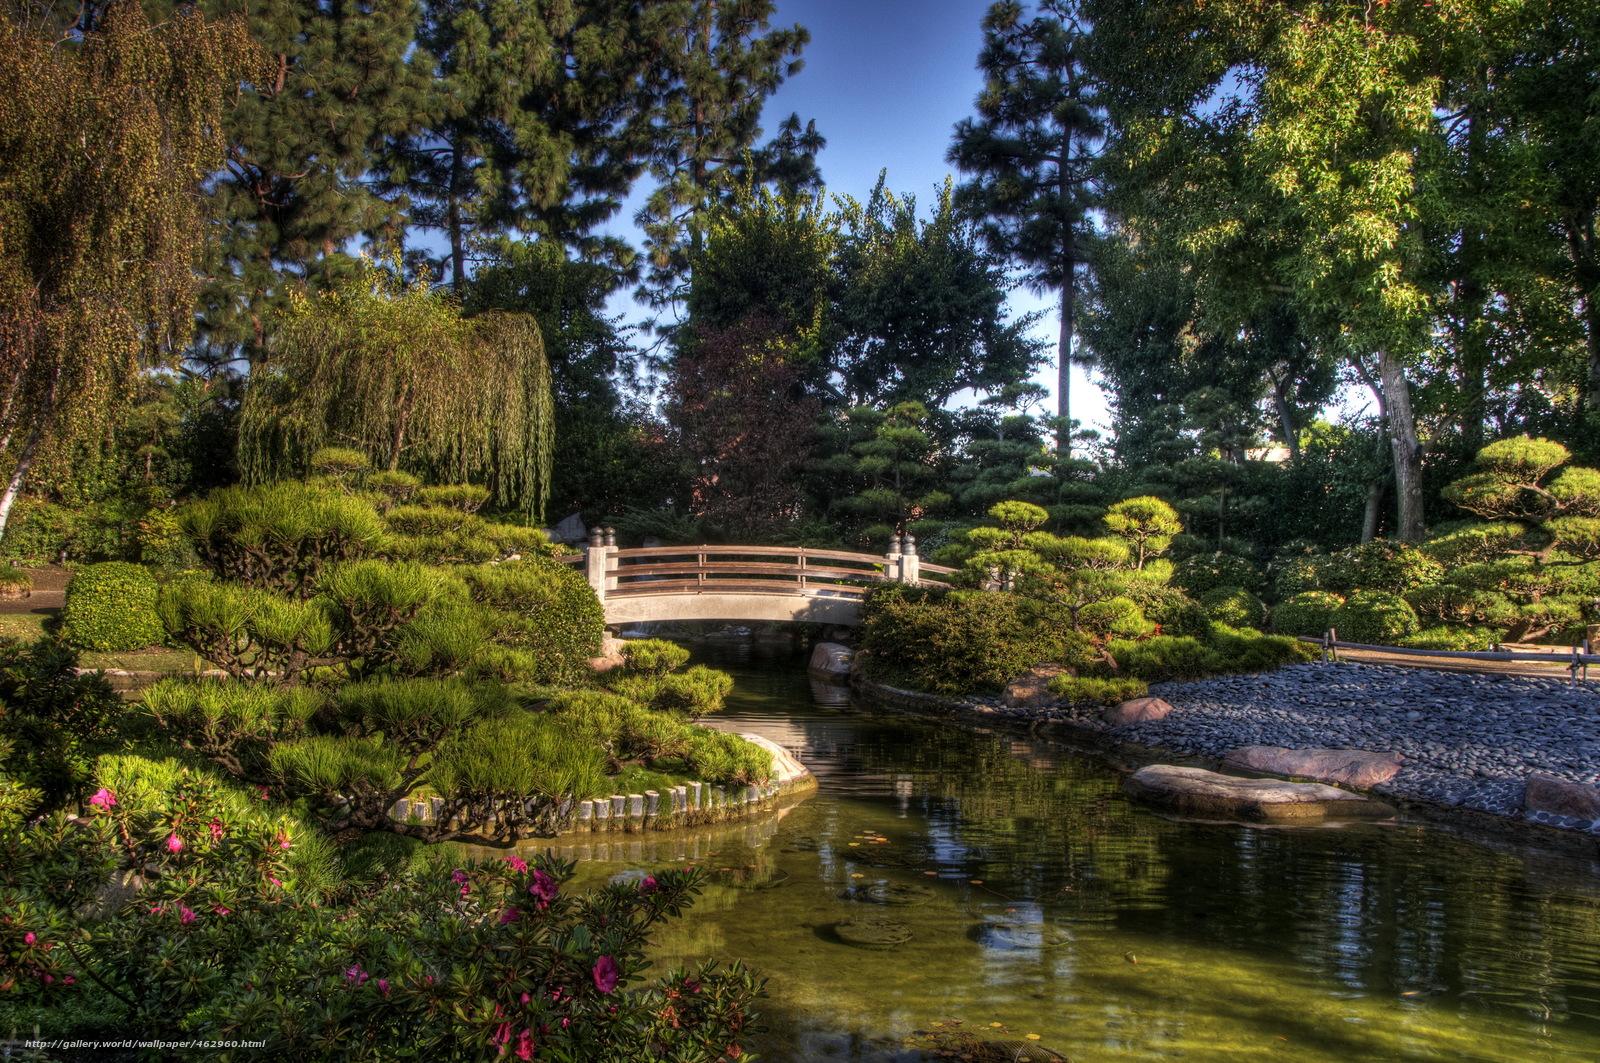 Tlcharger fond d 39 ecran jardin earl burns miller japonais for Jardin japonais fond d ecran